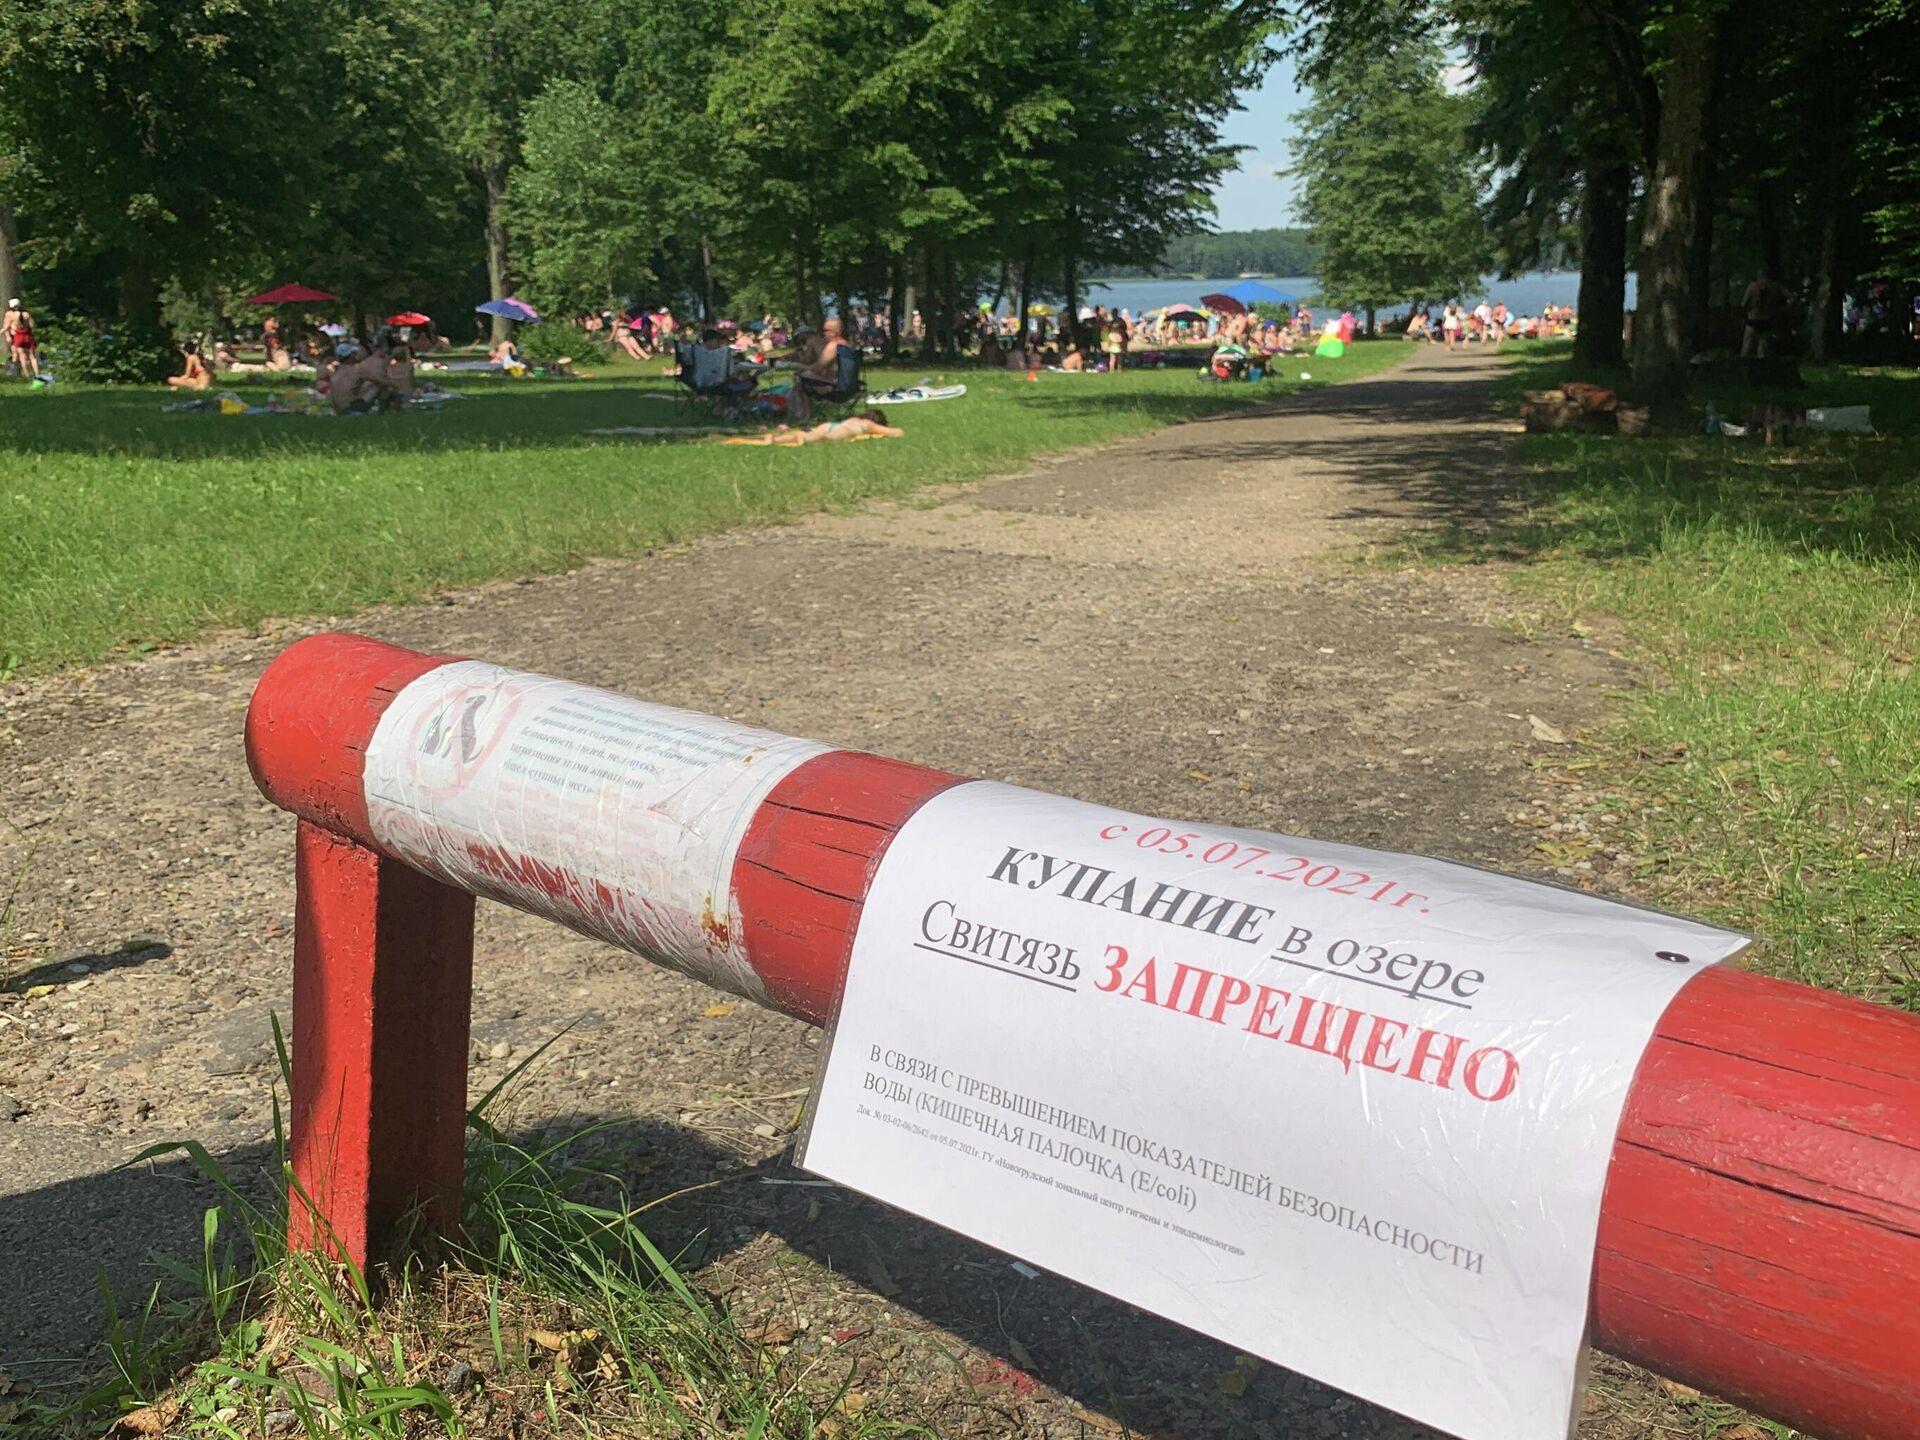 Предупреждающий указатель замечают не все - Sputnik Беларусь, 1920, 15.07.2021